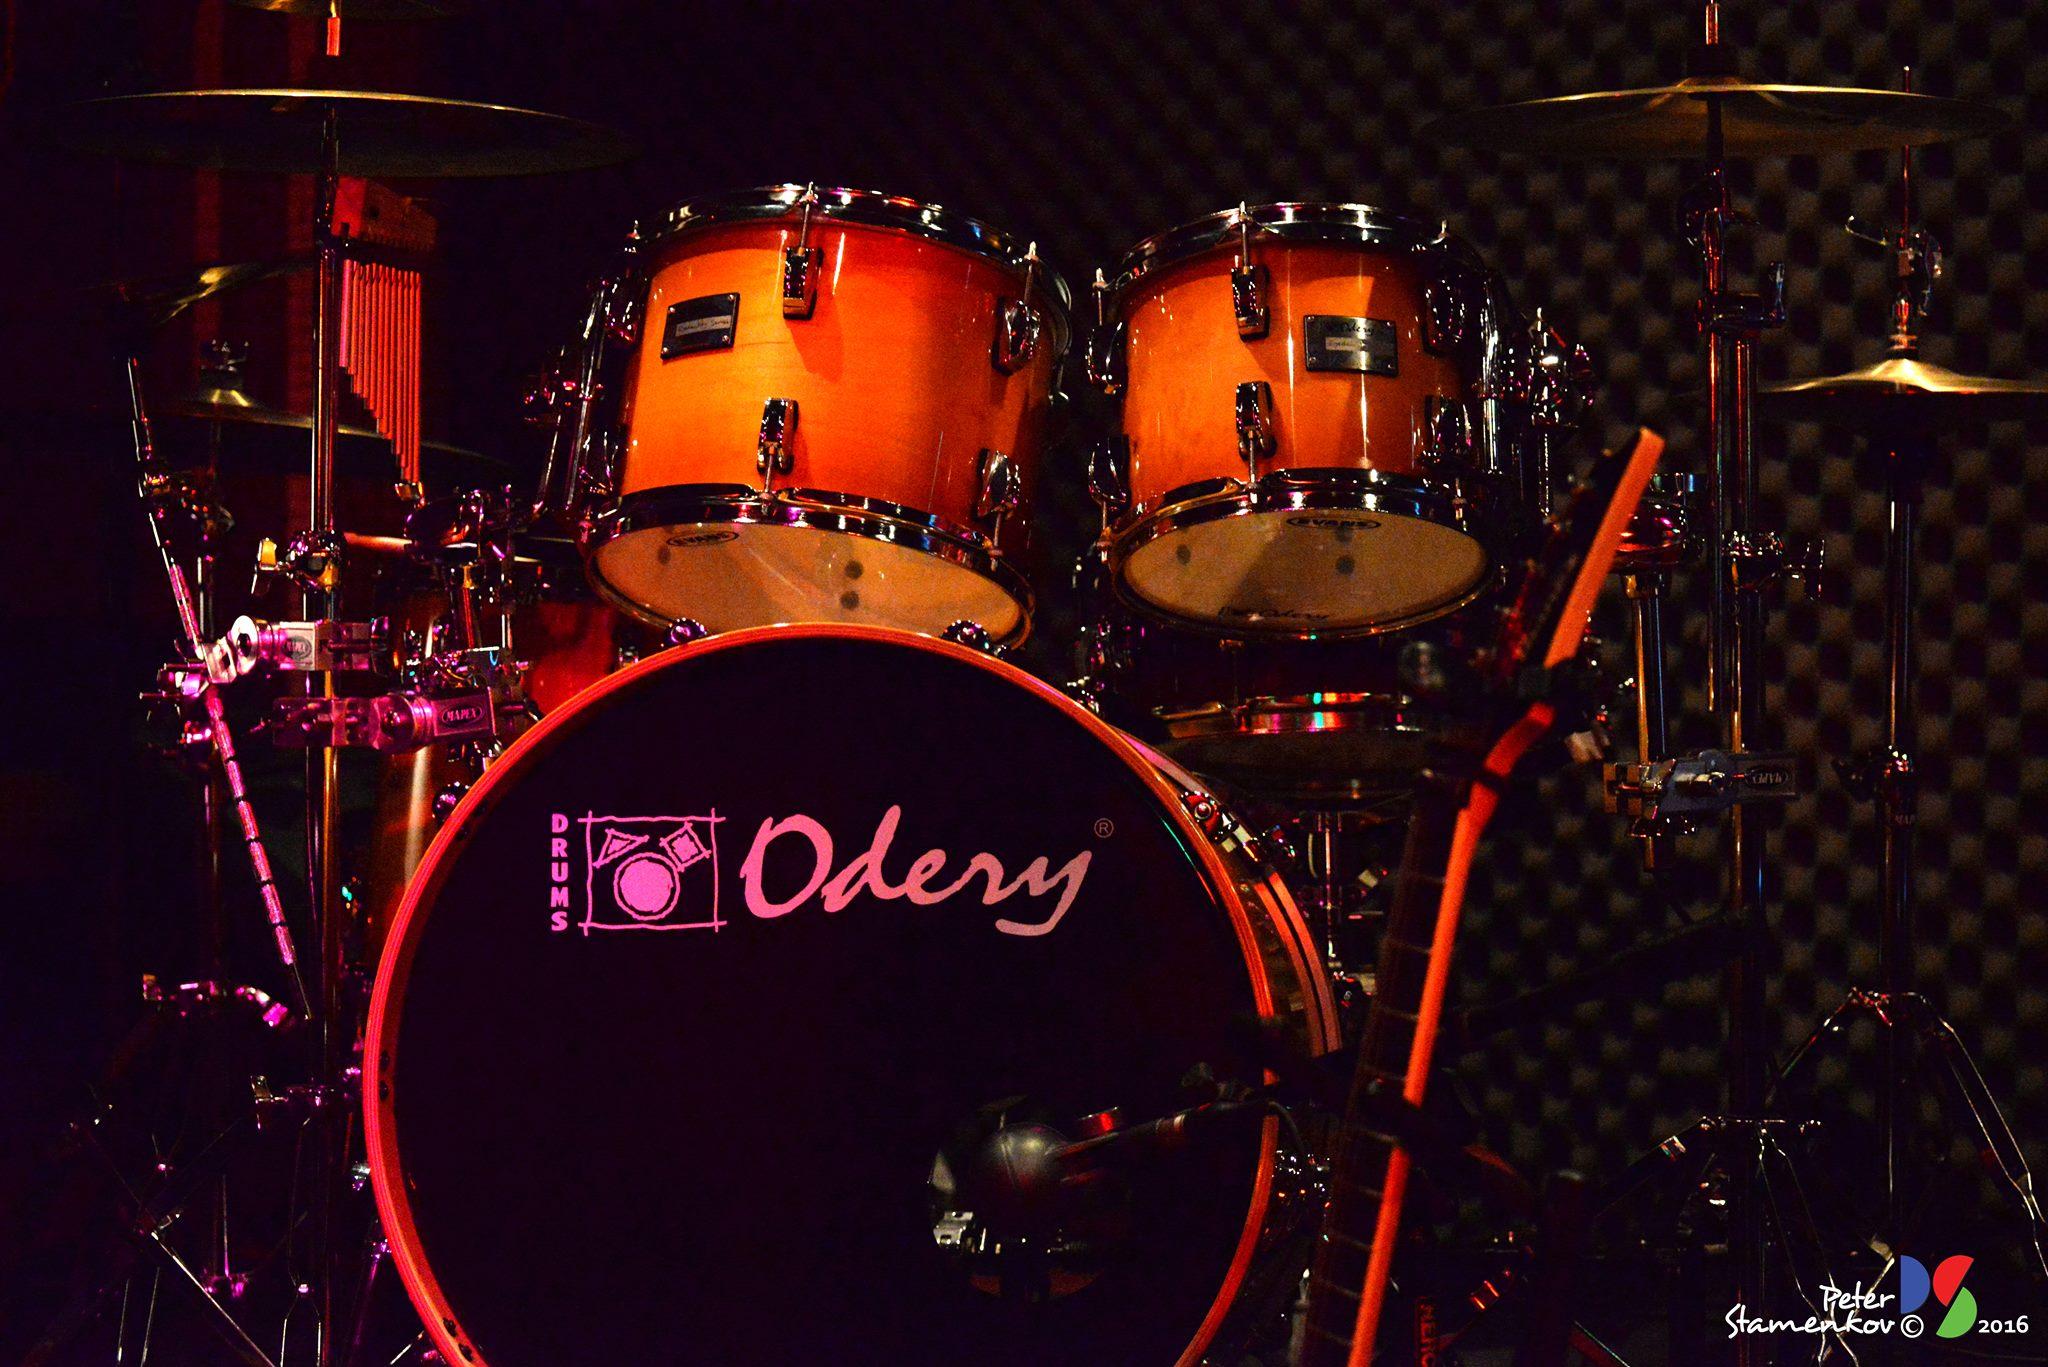 Odery-03Dec2016.jpg